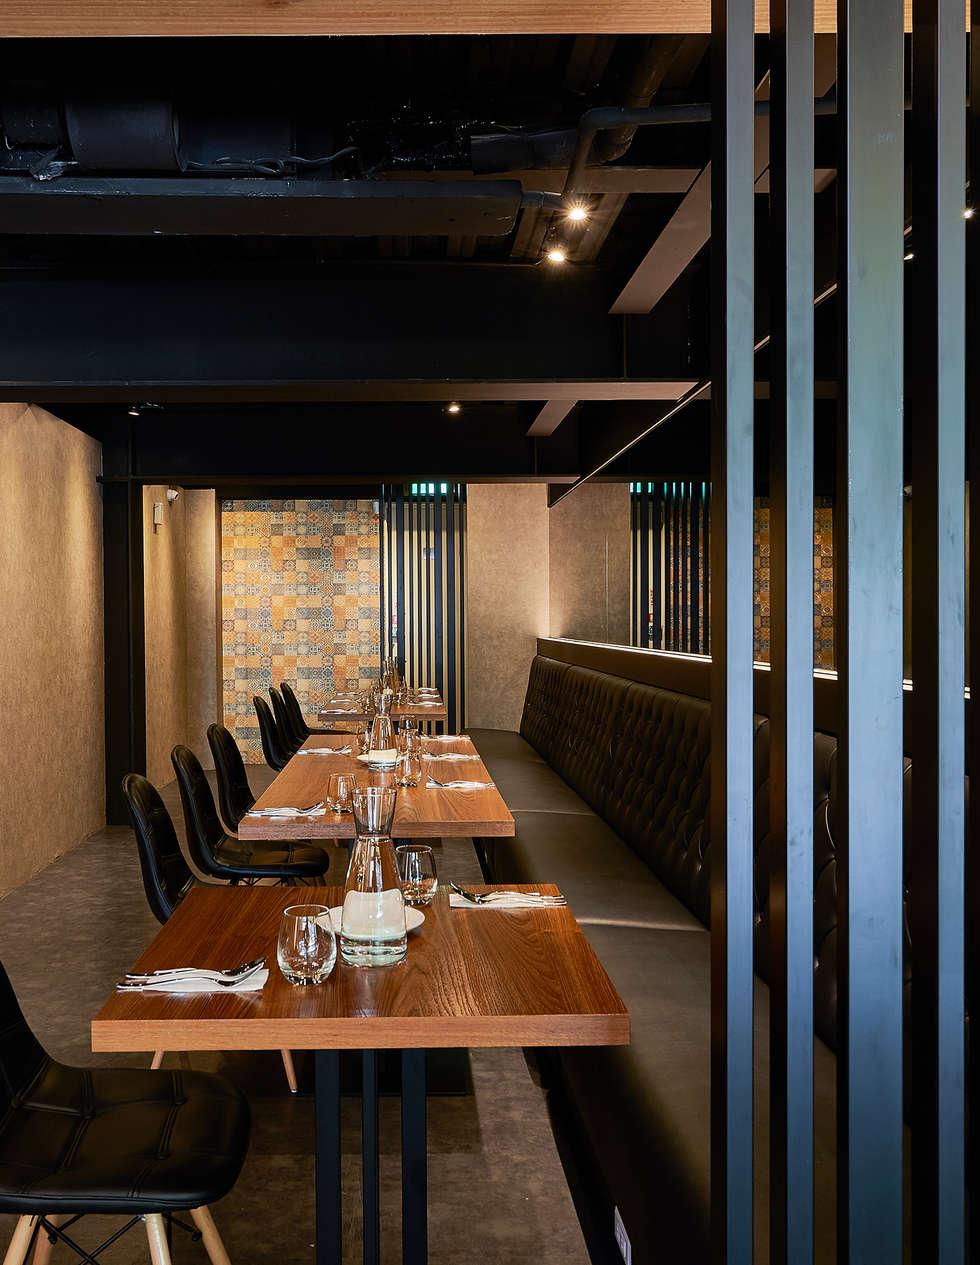 隱蔽且寬敞的靜謐沙發區:  餐廳 by 青瓷設計工程有限公司